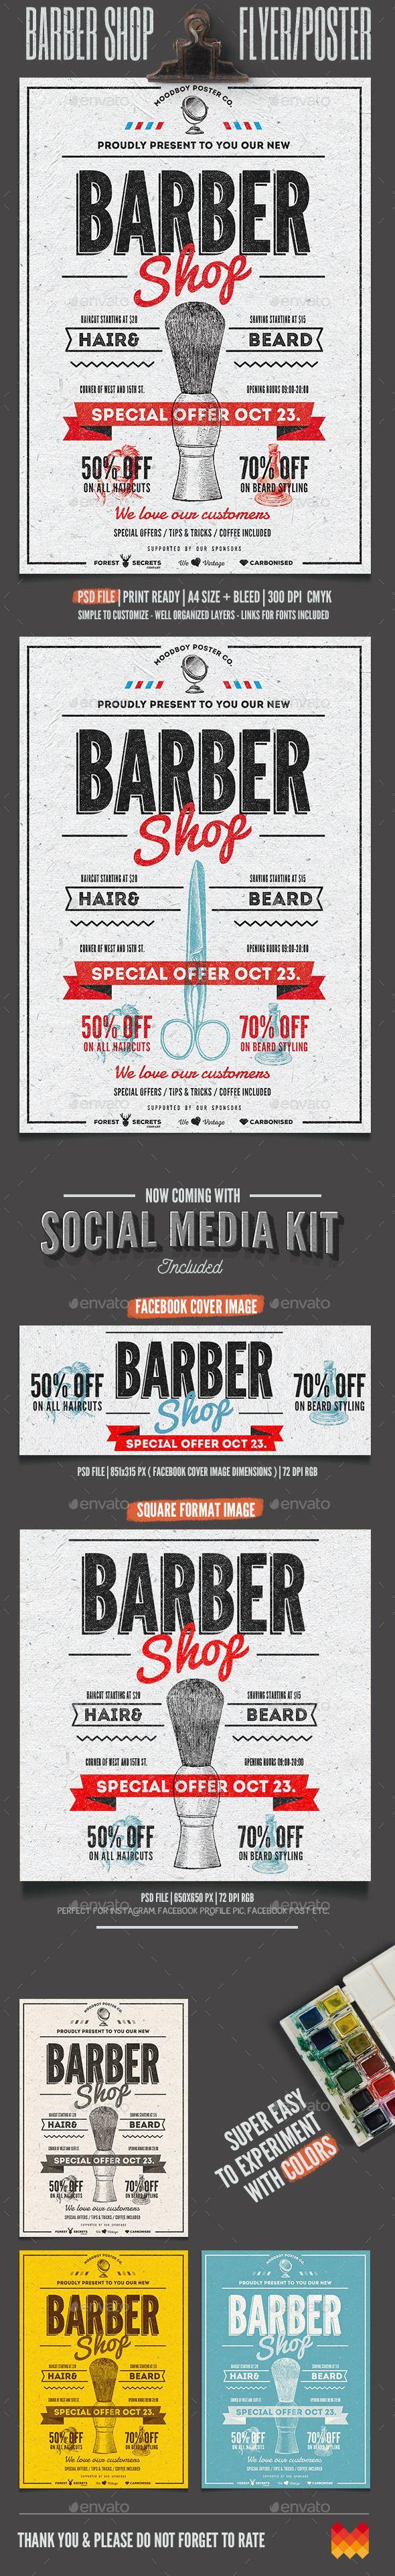 Barber Shop Vintage Flyer / Poster Template #design Download: http://graphicriver.net/item/barber-shop-vintage-flyerposter/12850611?ref=ksioks